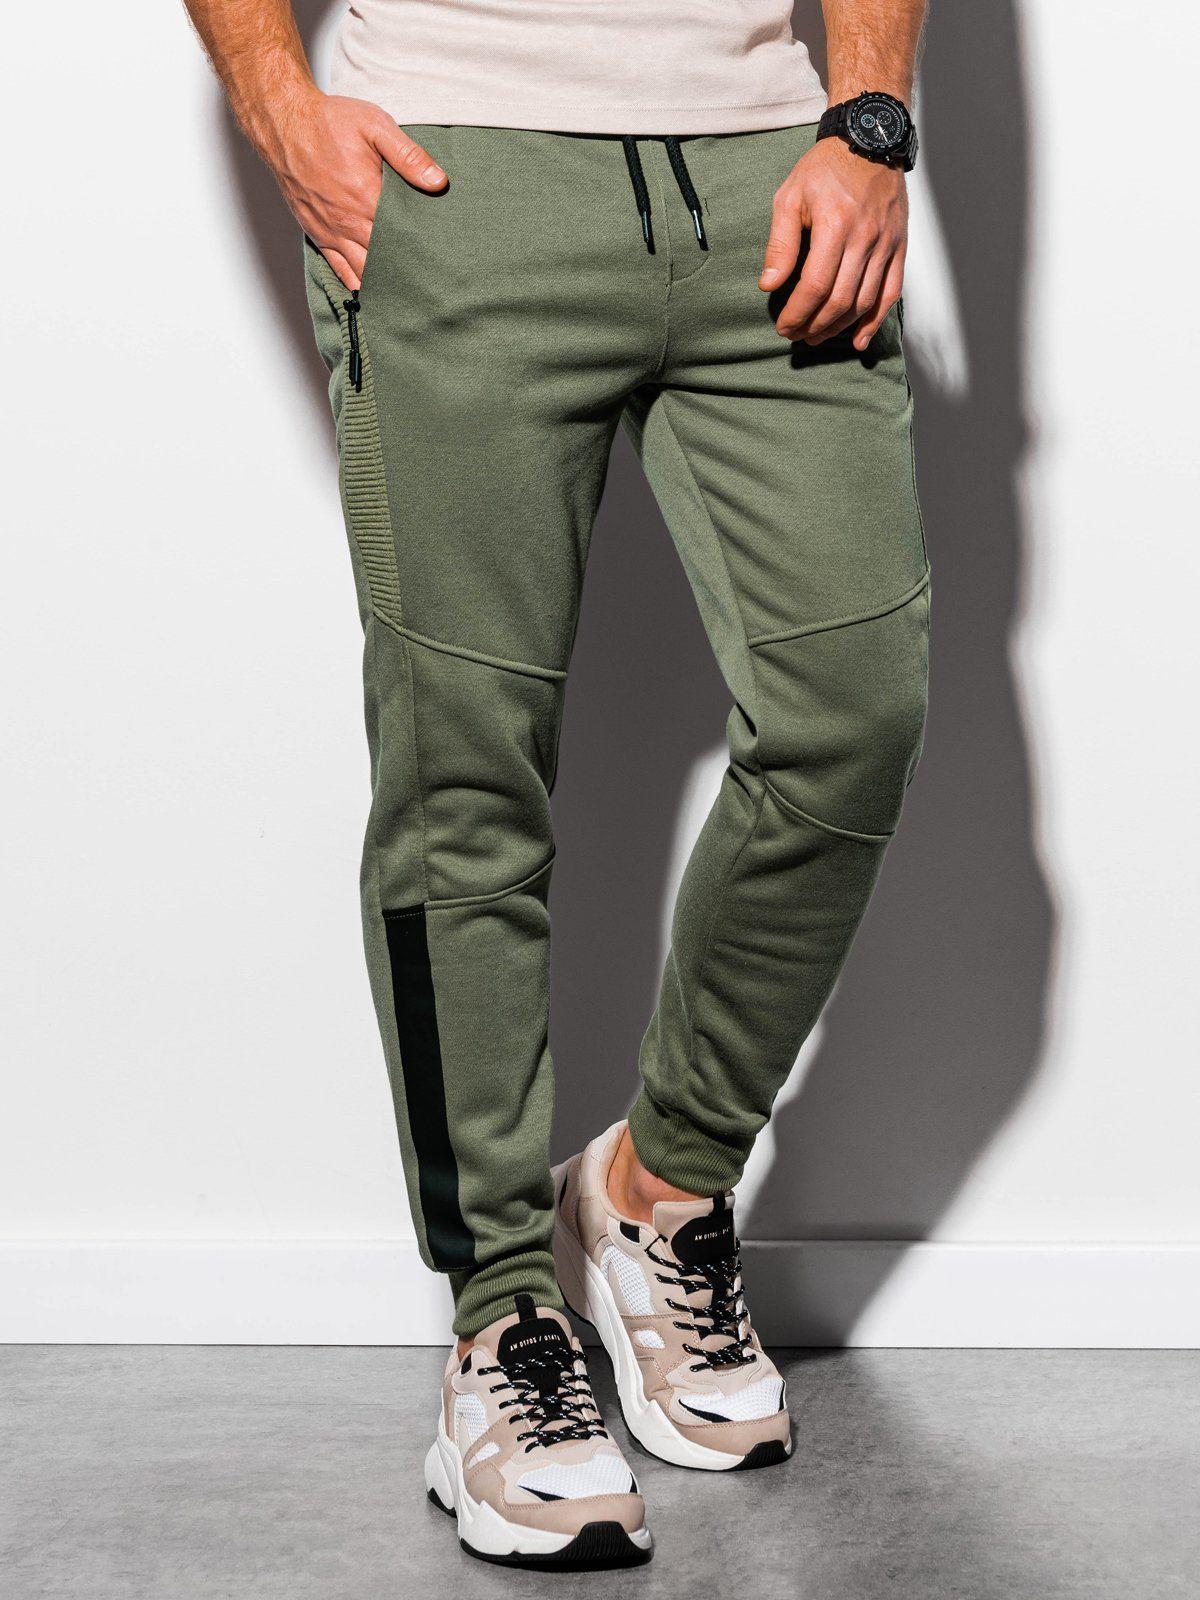 Spodnie Meskie Dresowe Zielone Fashion Khaki Pants Khaki